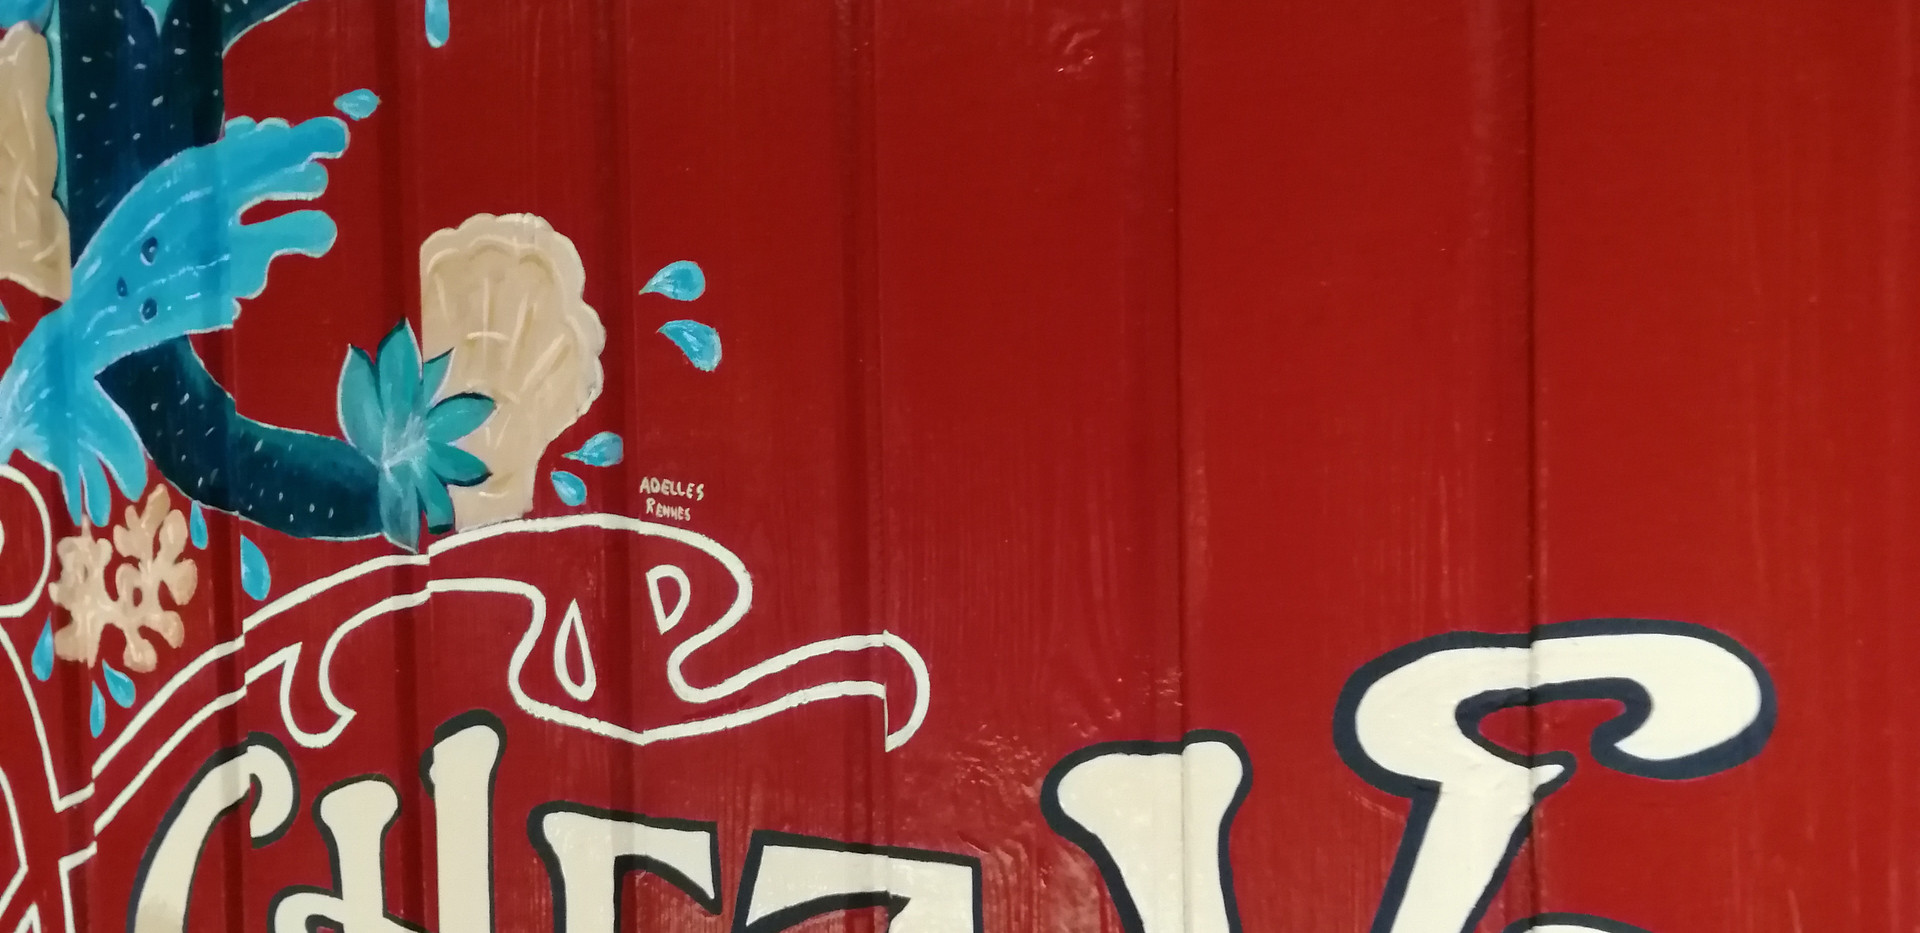 Décors peints - Adelles - Chez Victor.jpg